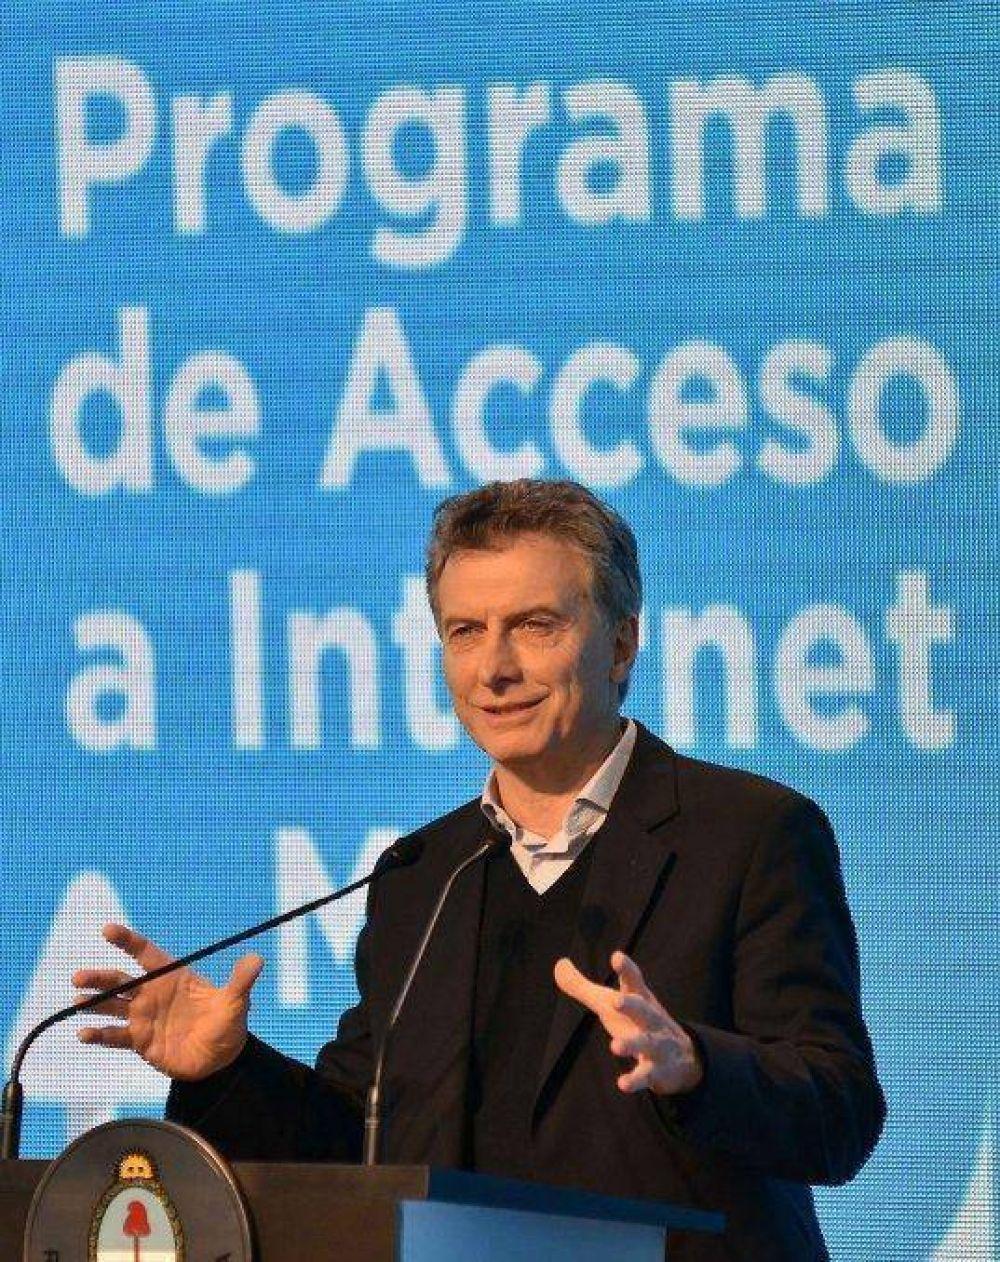 Macri se enojó por la austera presentación y la fuerte calefacción en el CCK